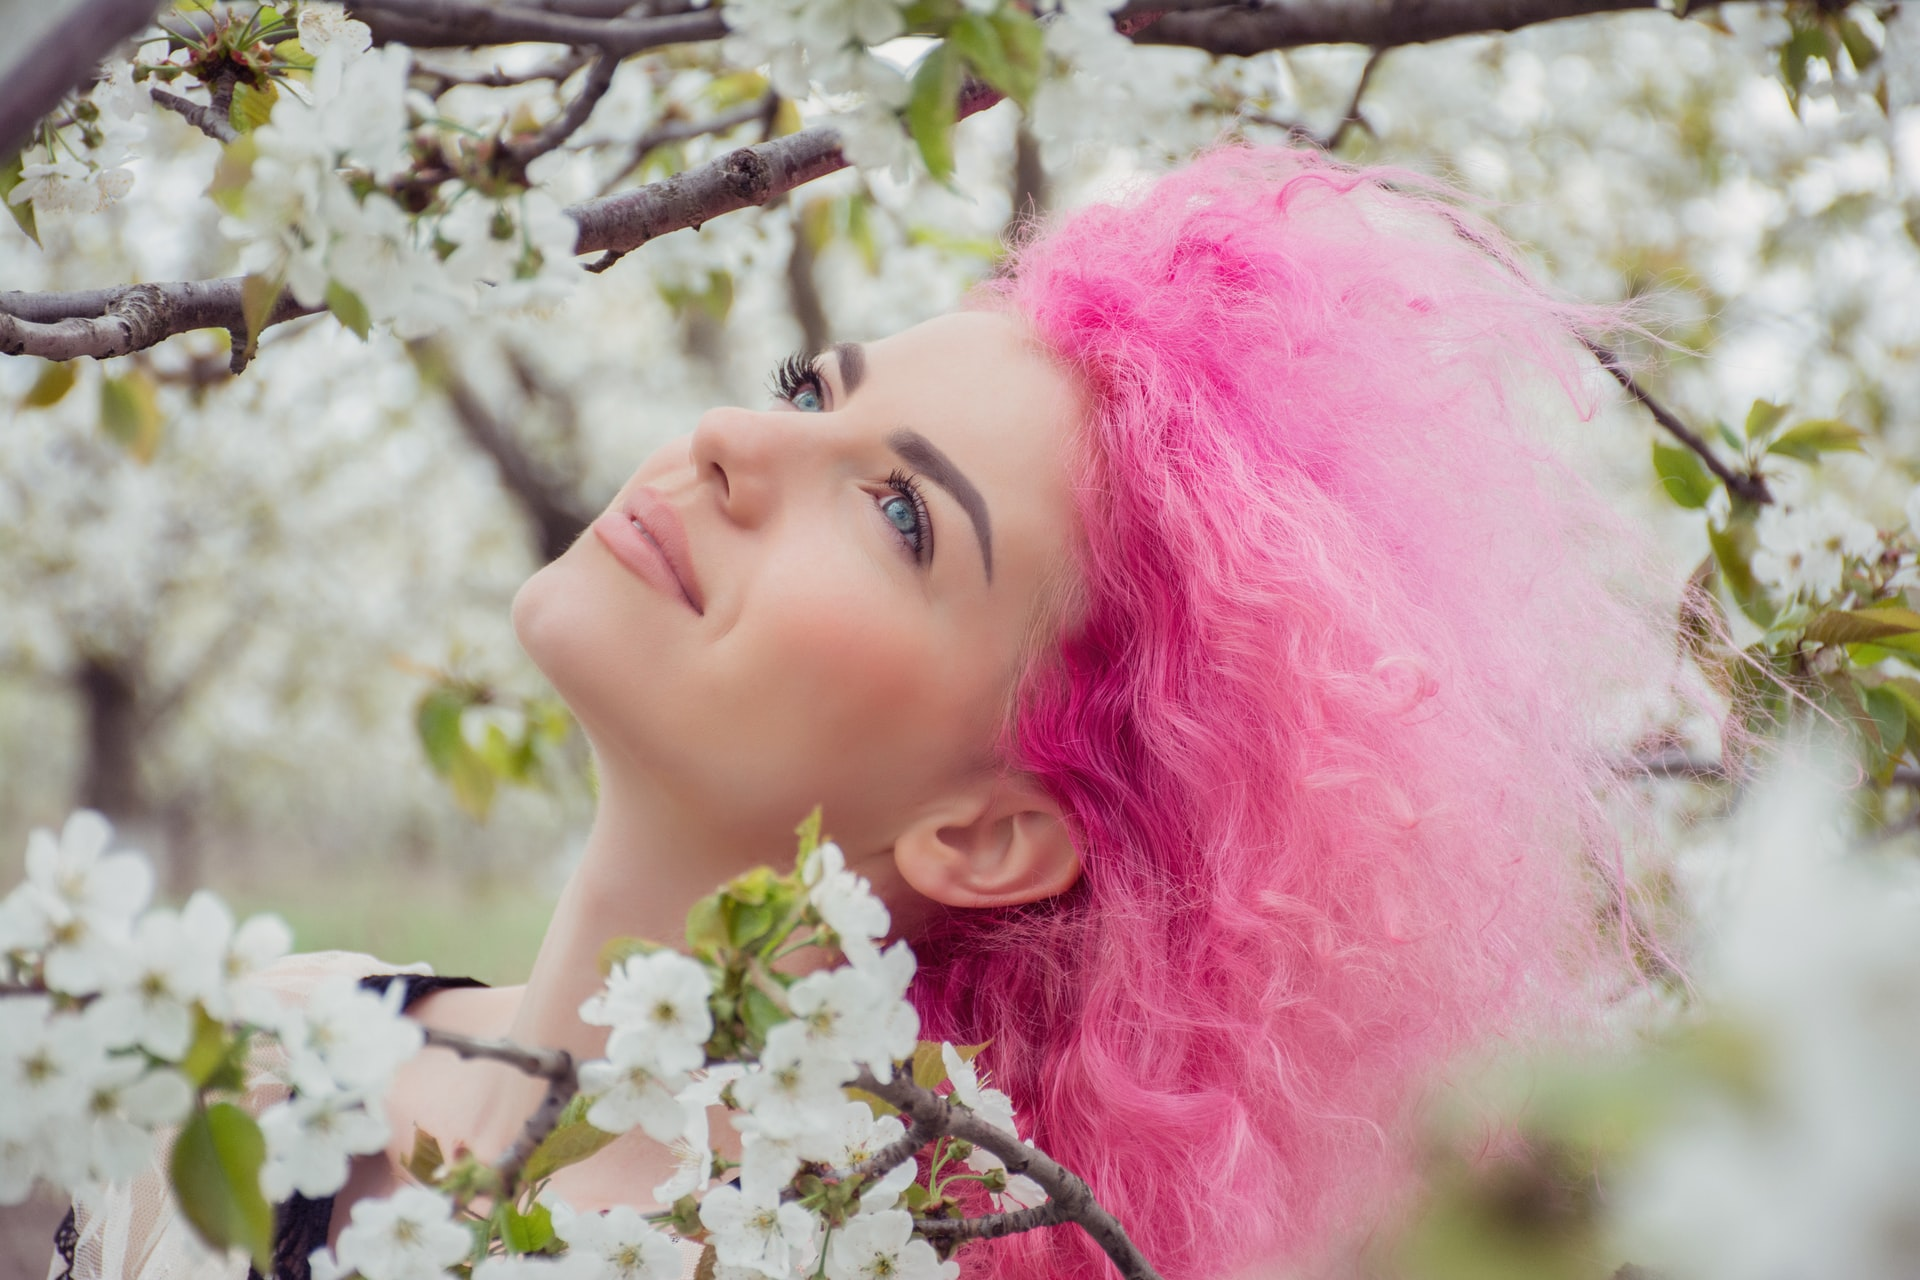 Mujer con cabello color rosa